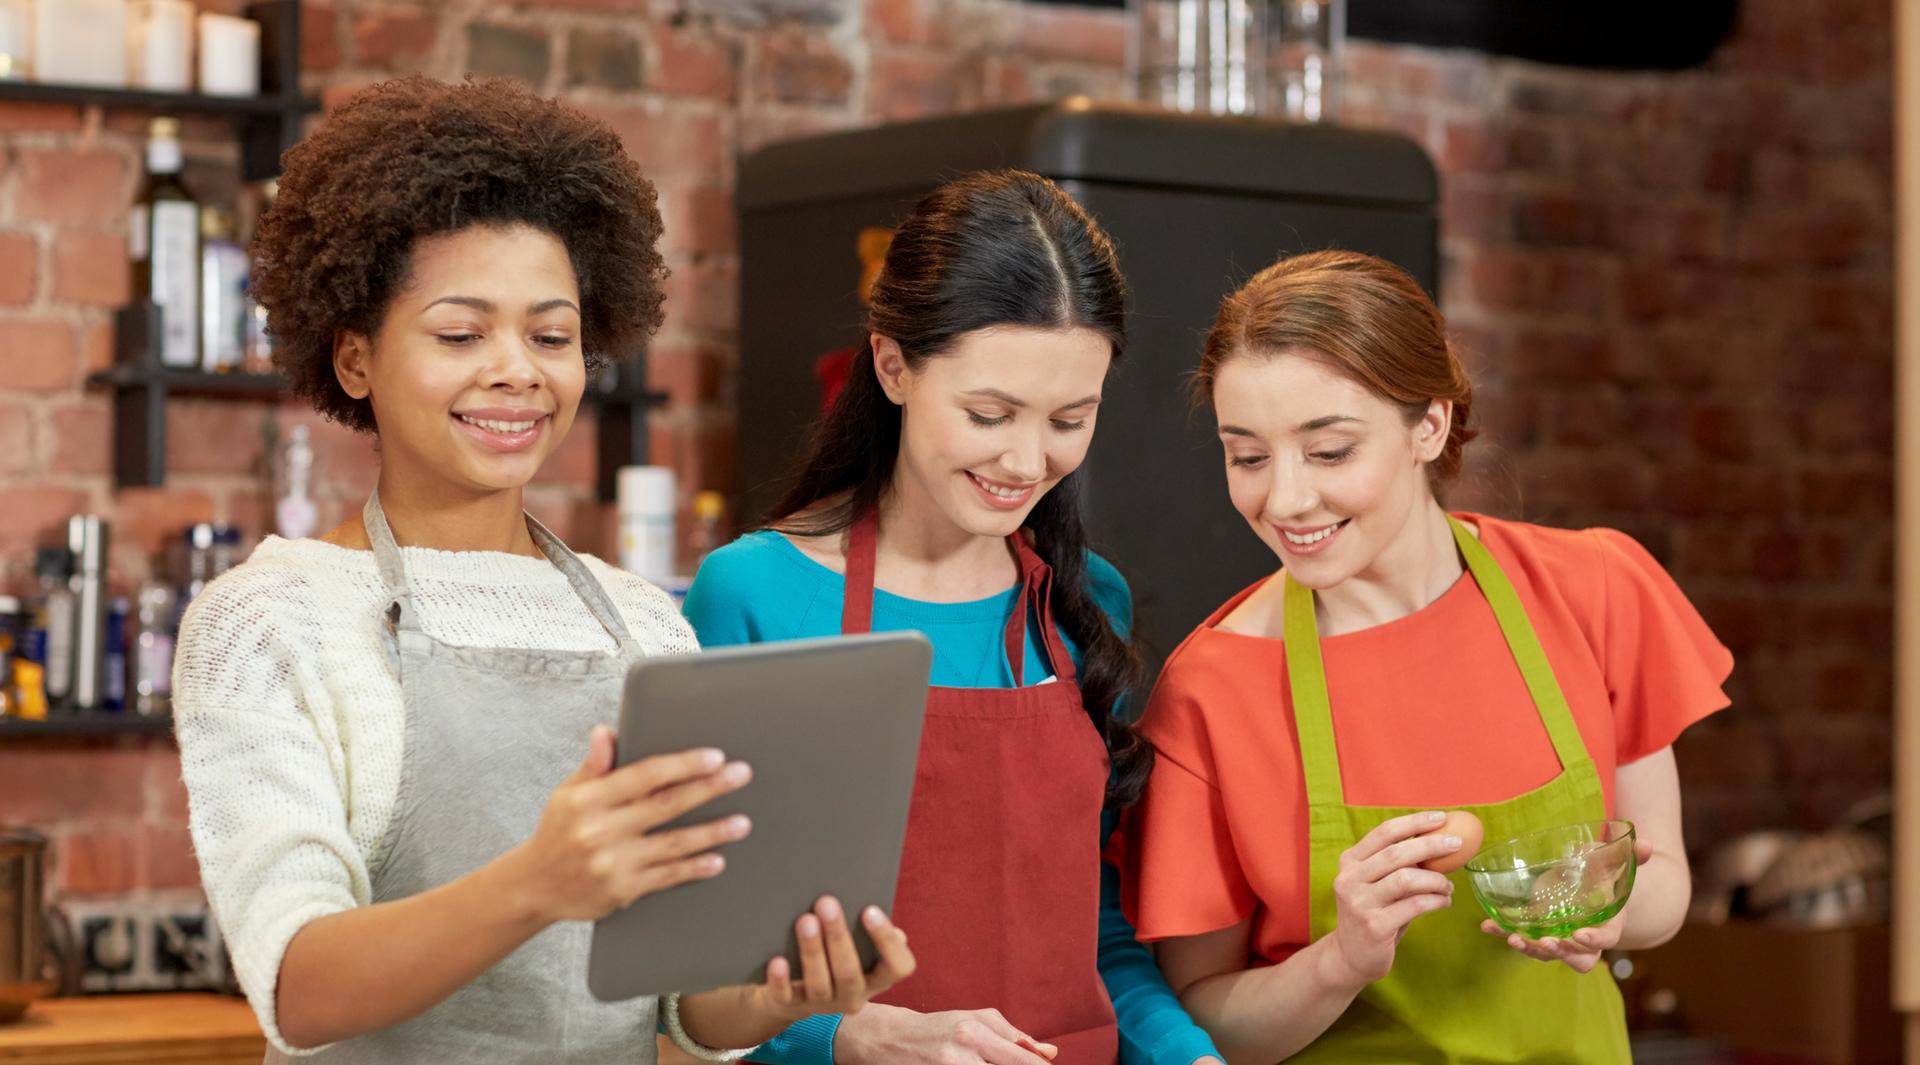 Las 13 Ventajas de Implementar las Nuevas Tecnologías en tu Negocio